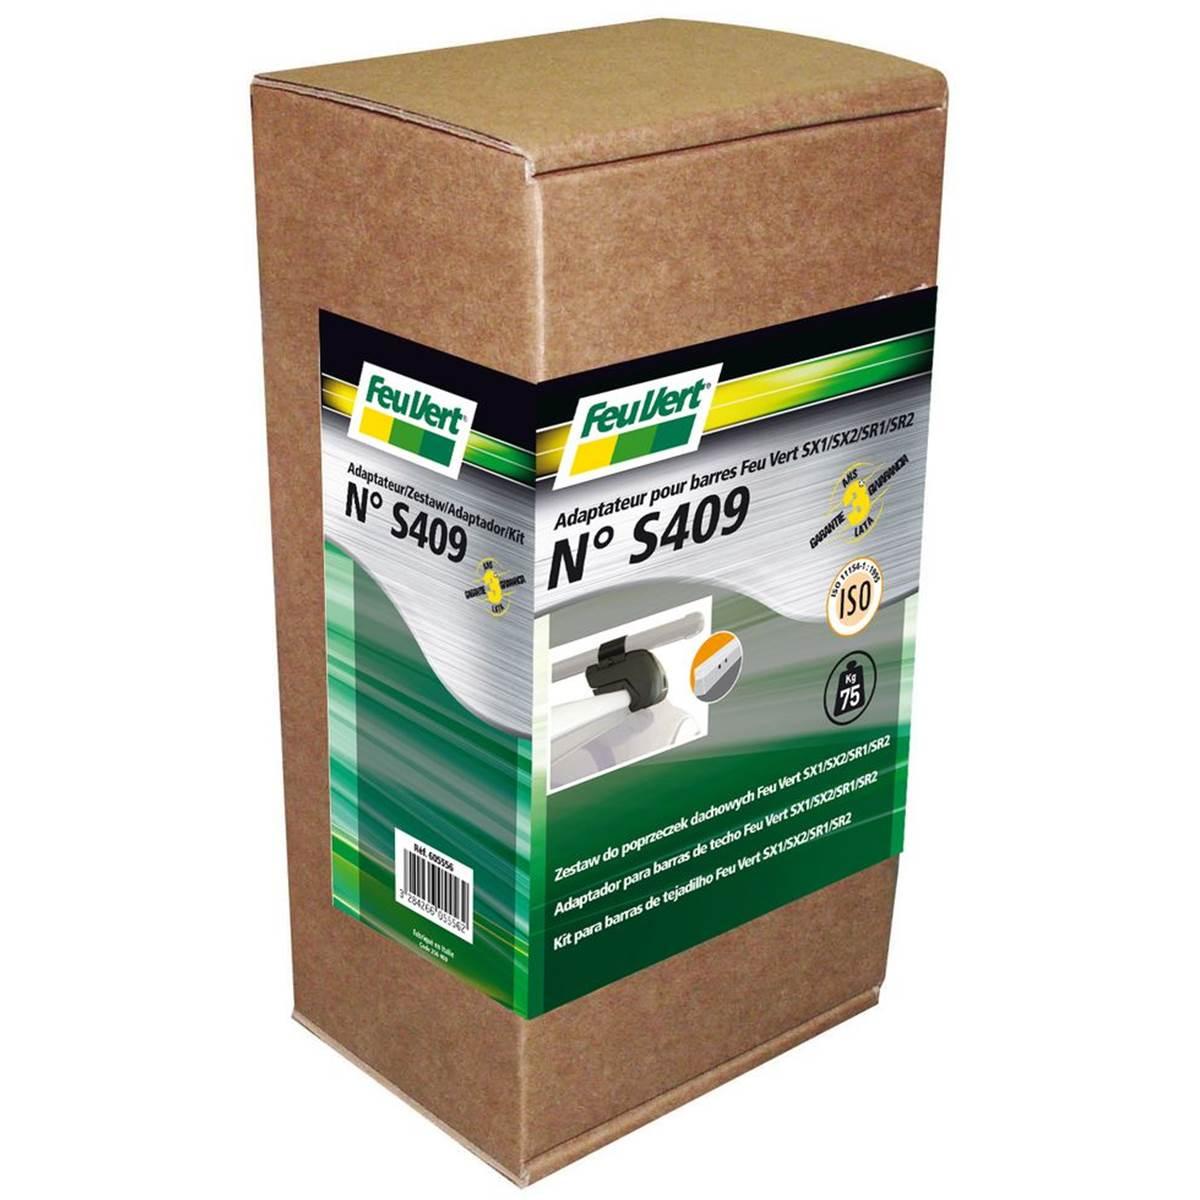 Kit S409 pour barre FEU VERT railing